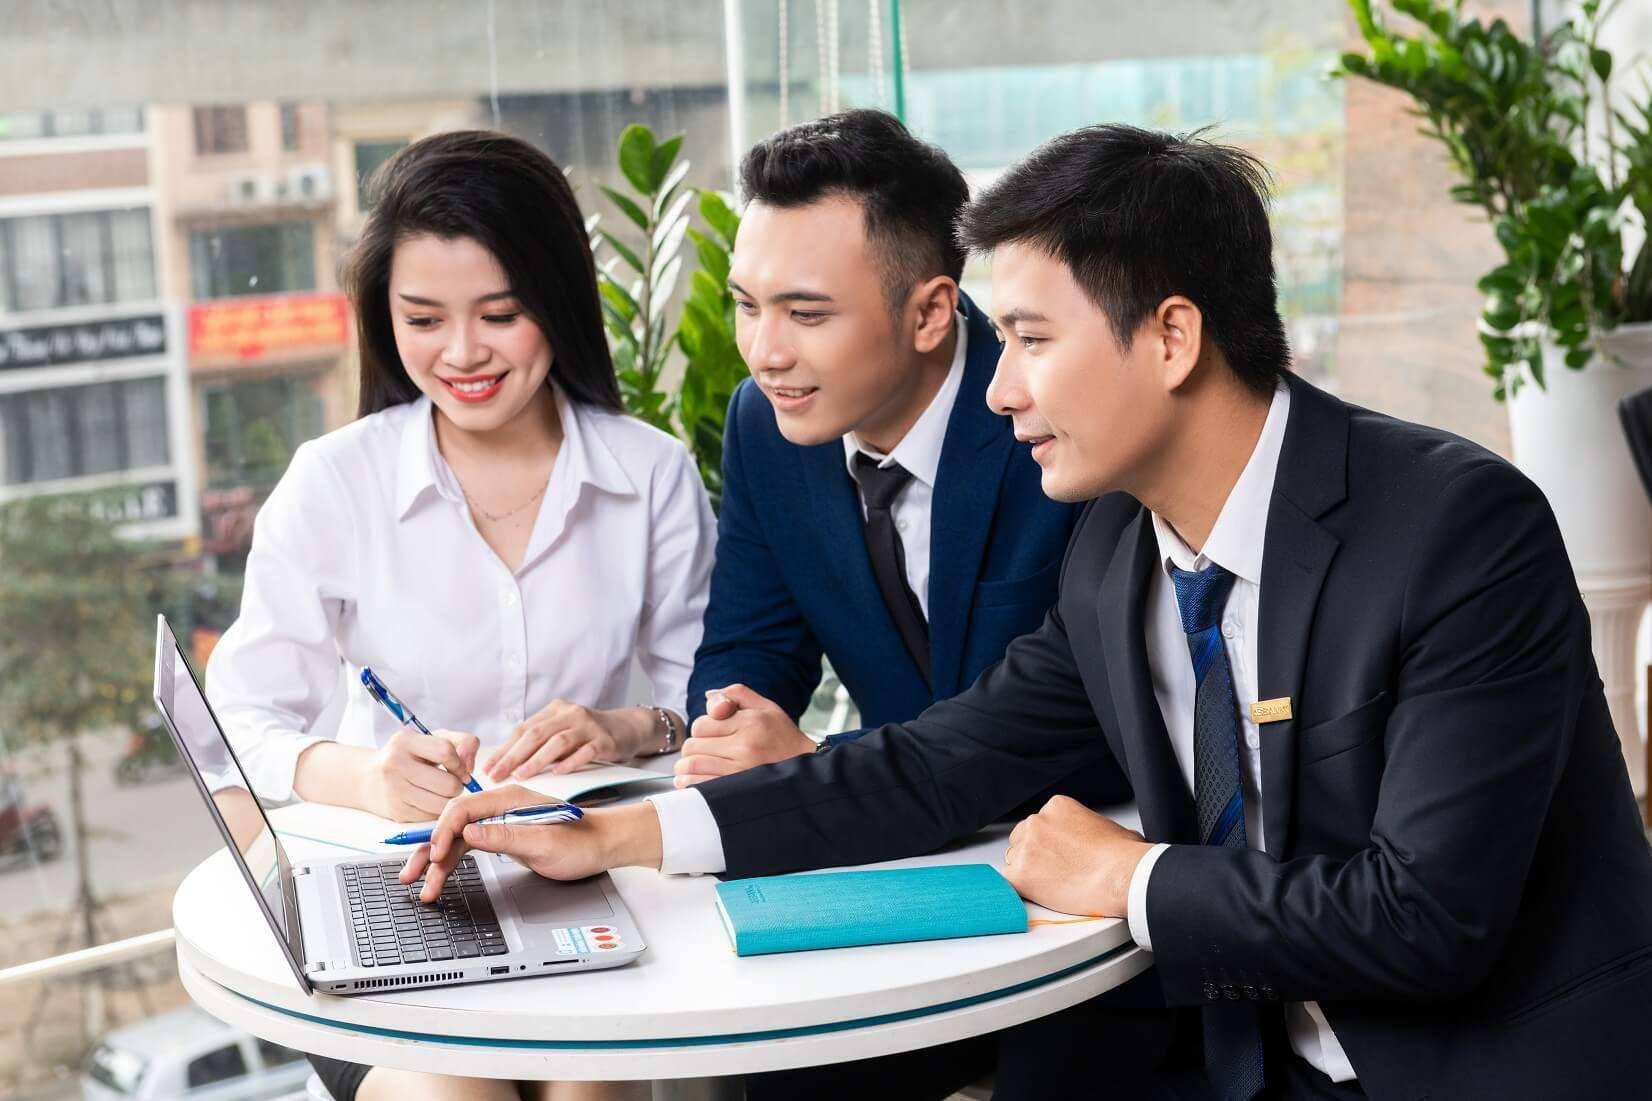 Nhân viên và chuyên viên văn phòng khác nhau ở điểm nào - Blogvieclam